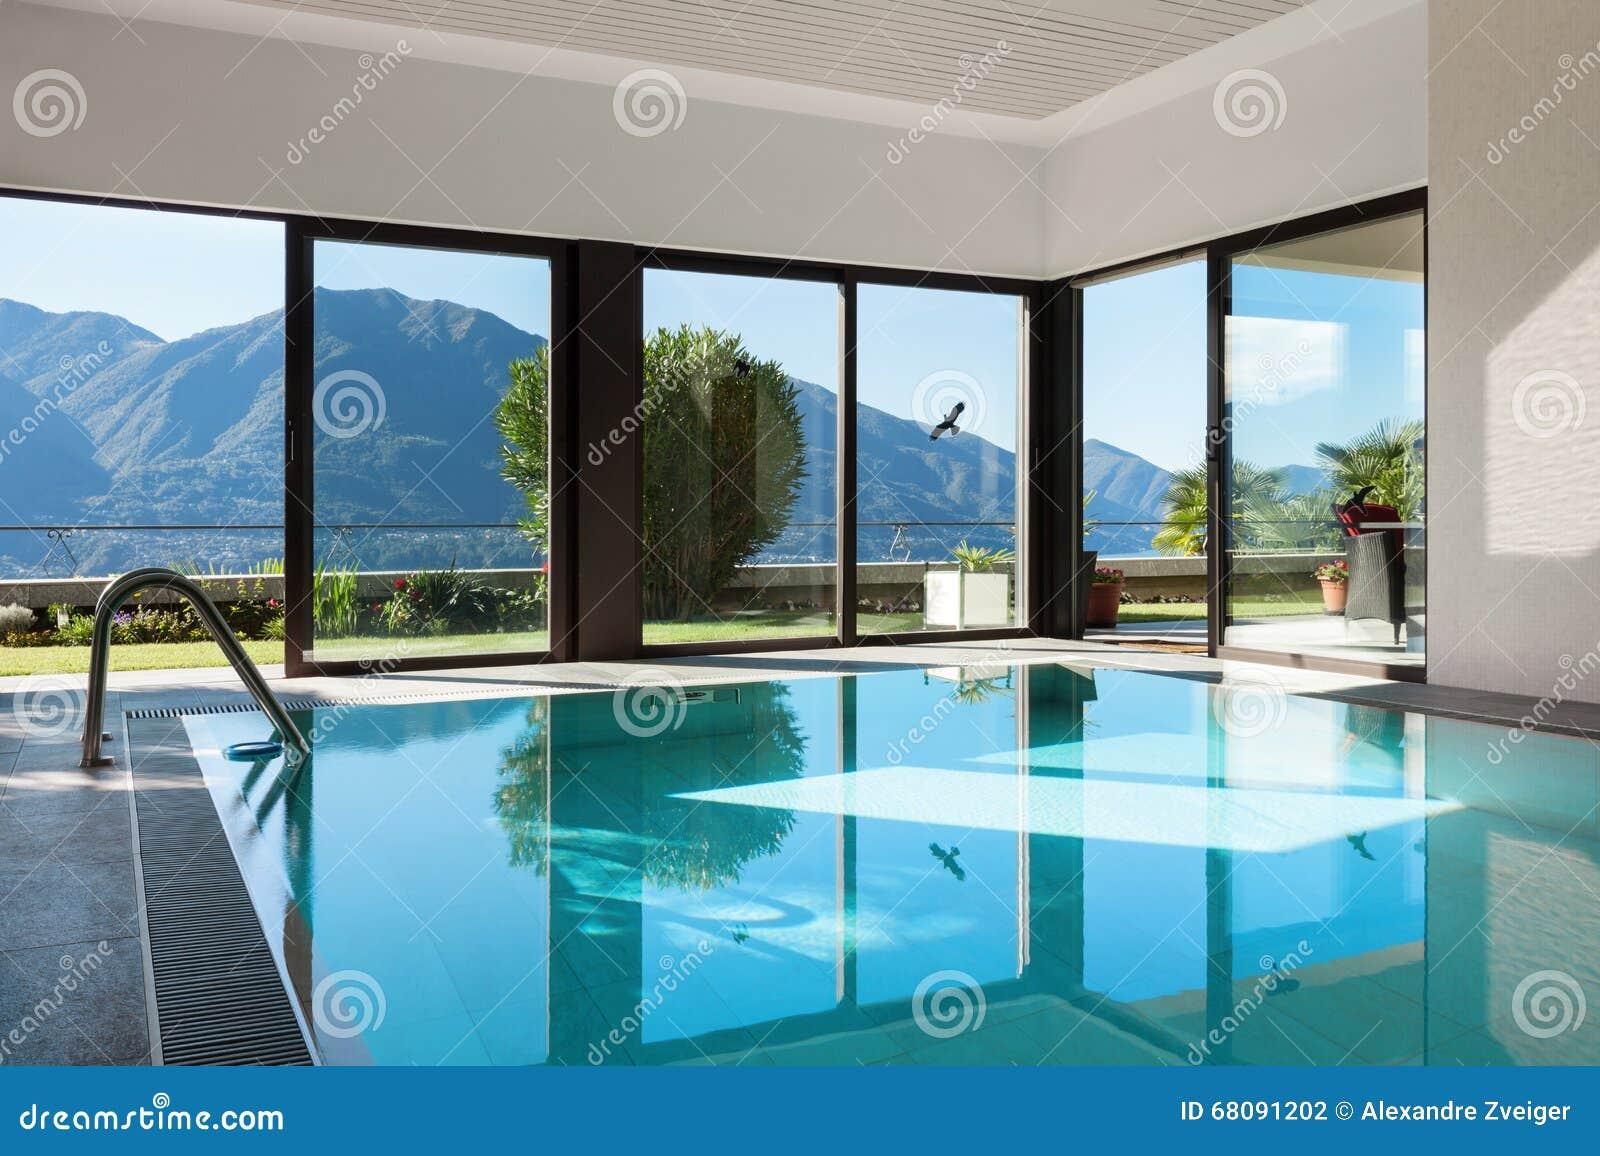 Casa piscina interna foto de stock imagem de indoor 68091202 - Piscina interna casa ...